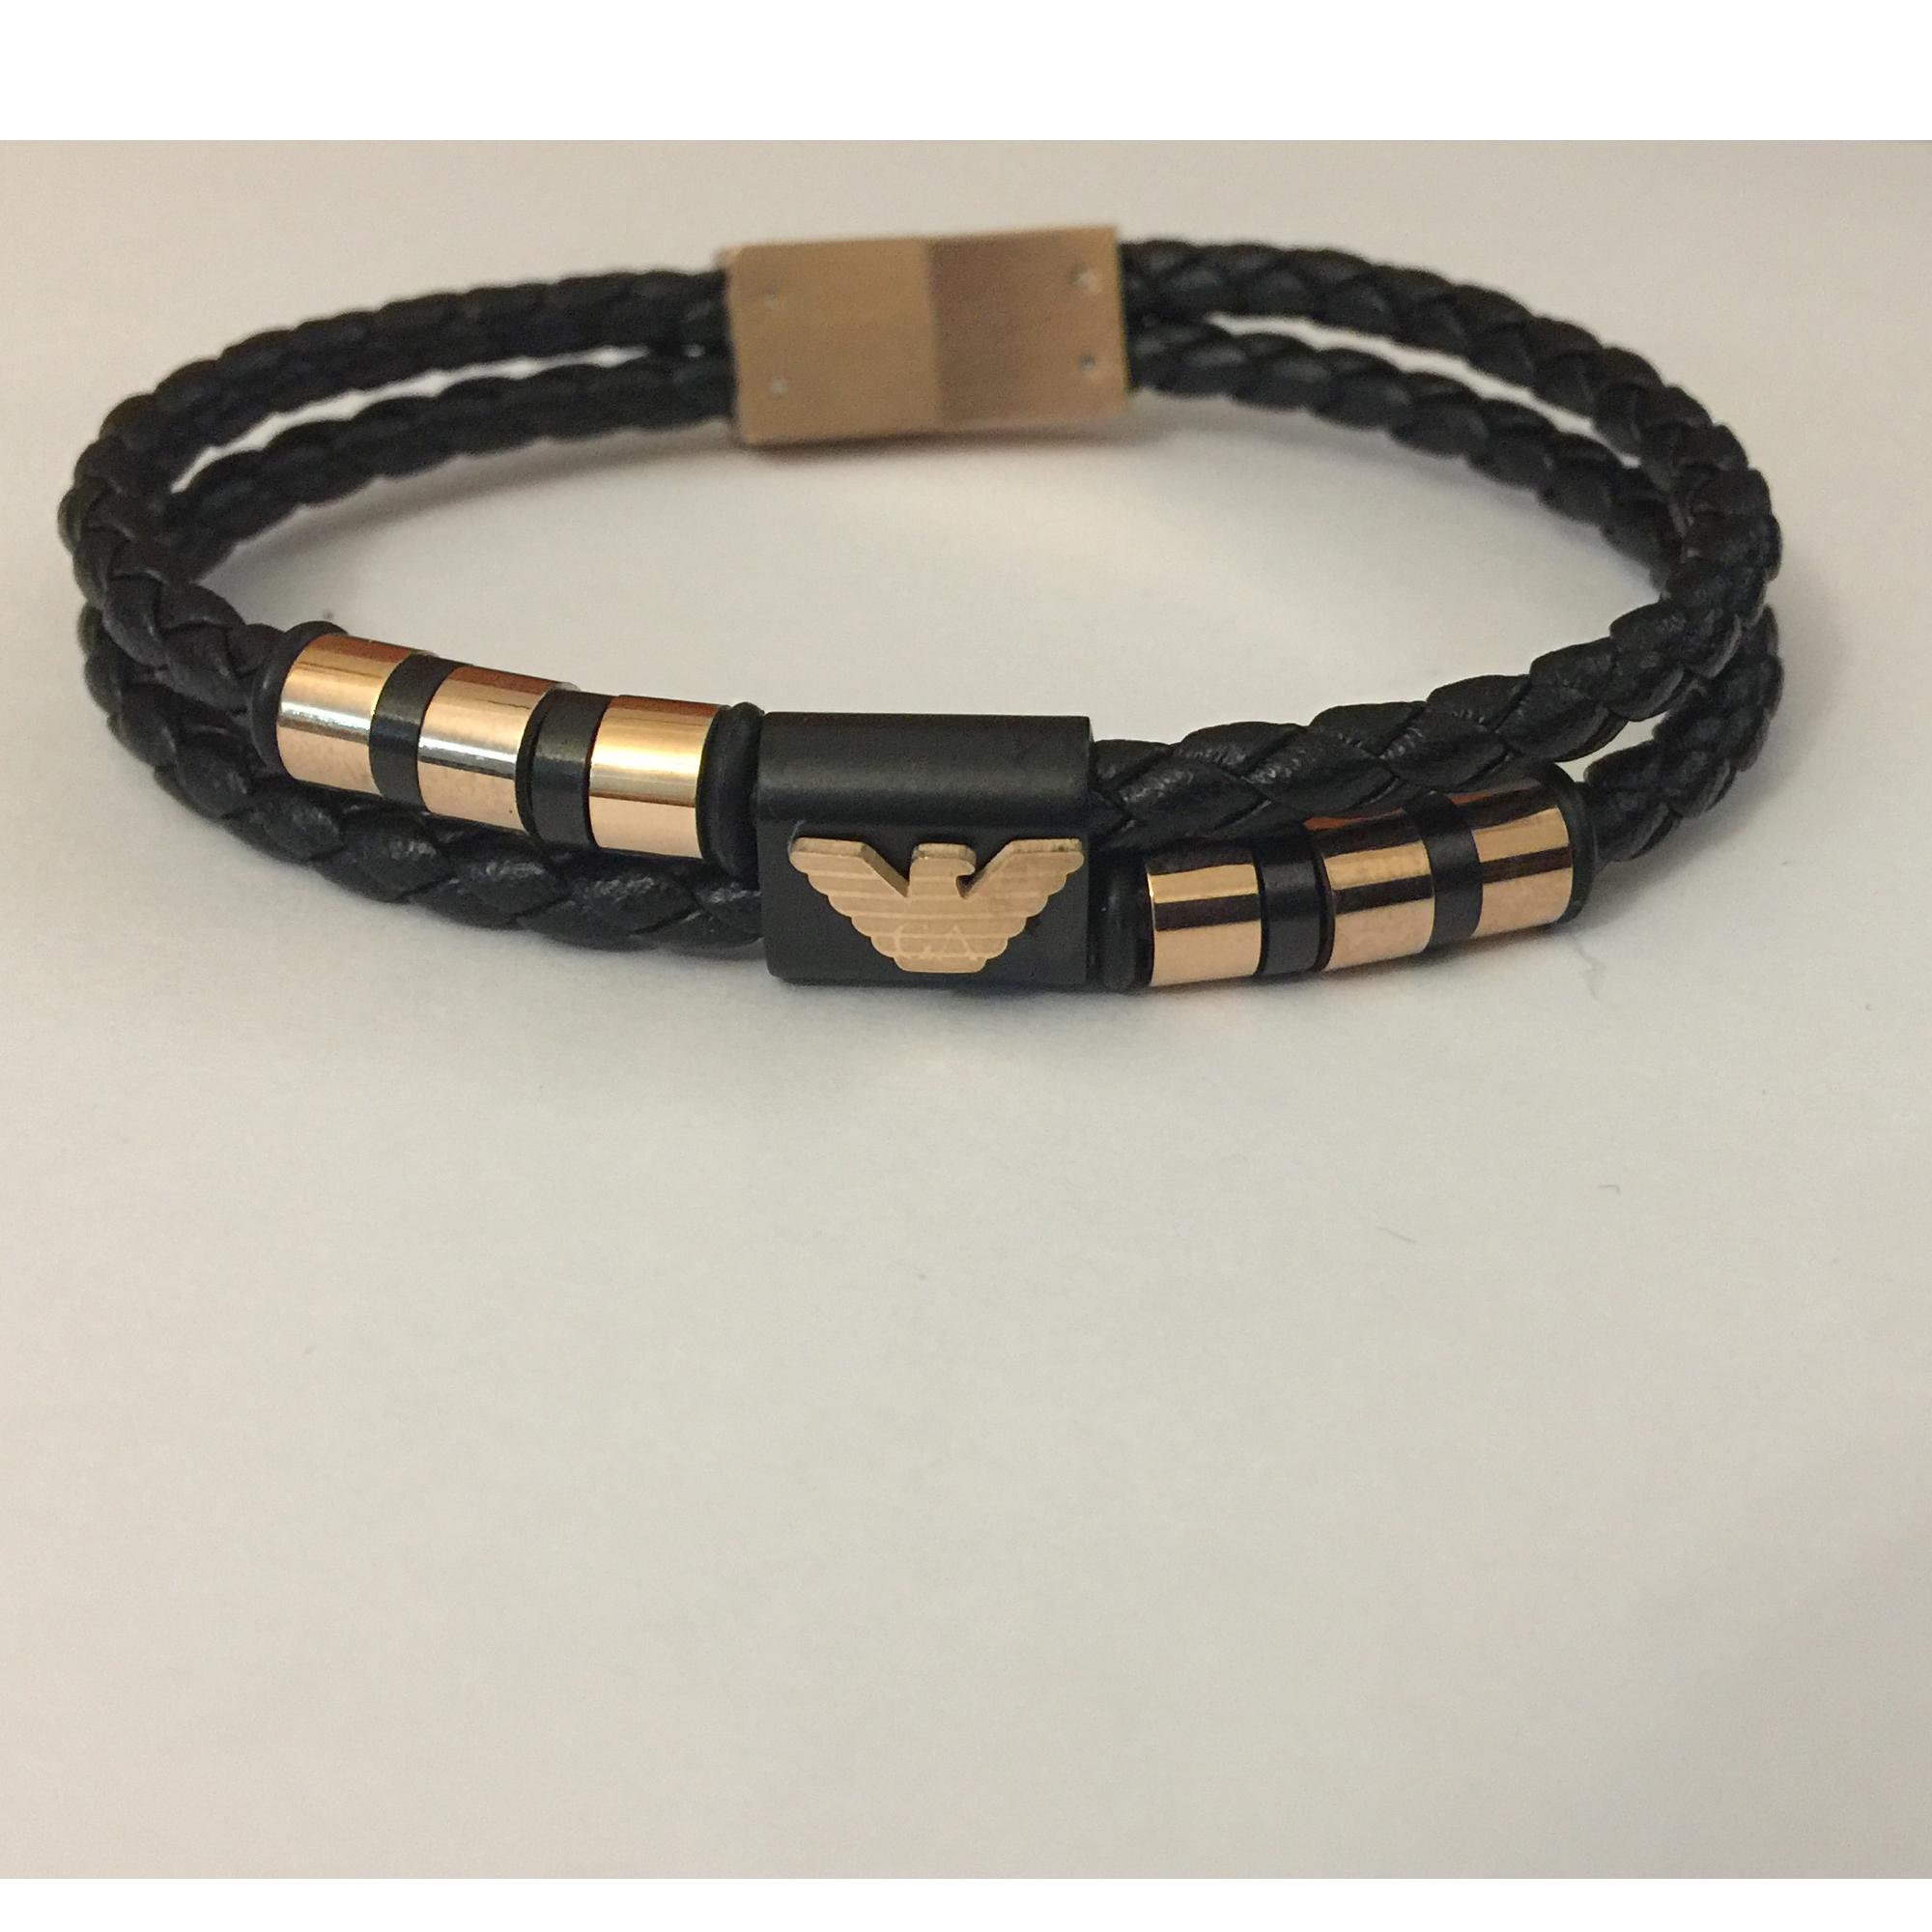 دستبند مردانه کد H260 main 1 1